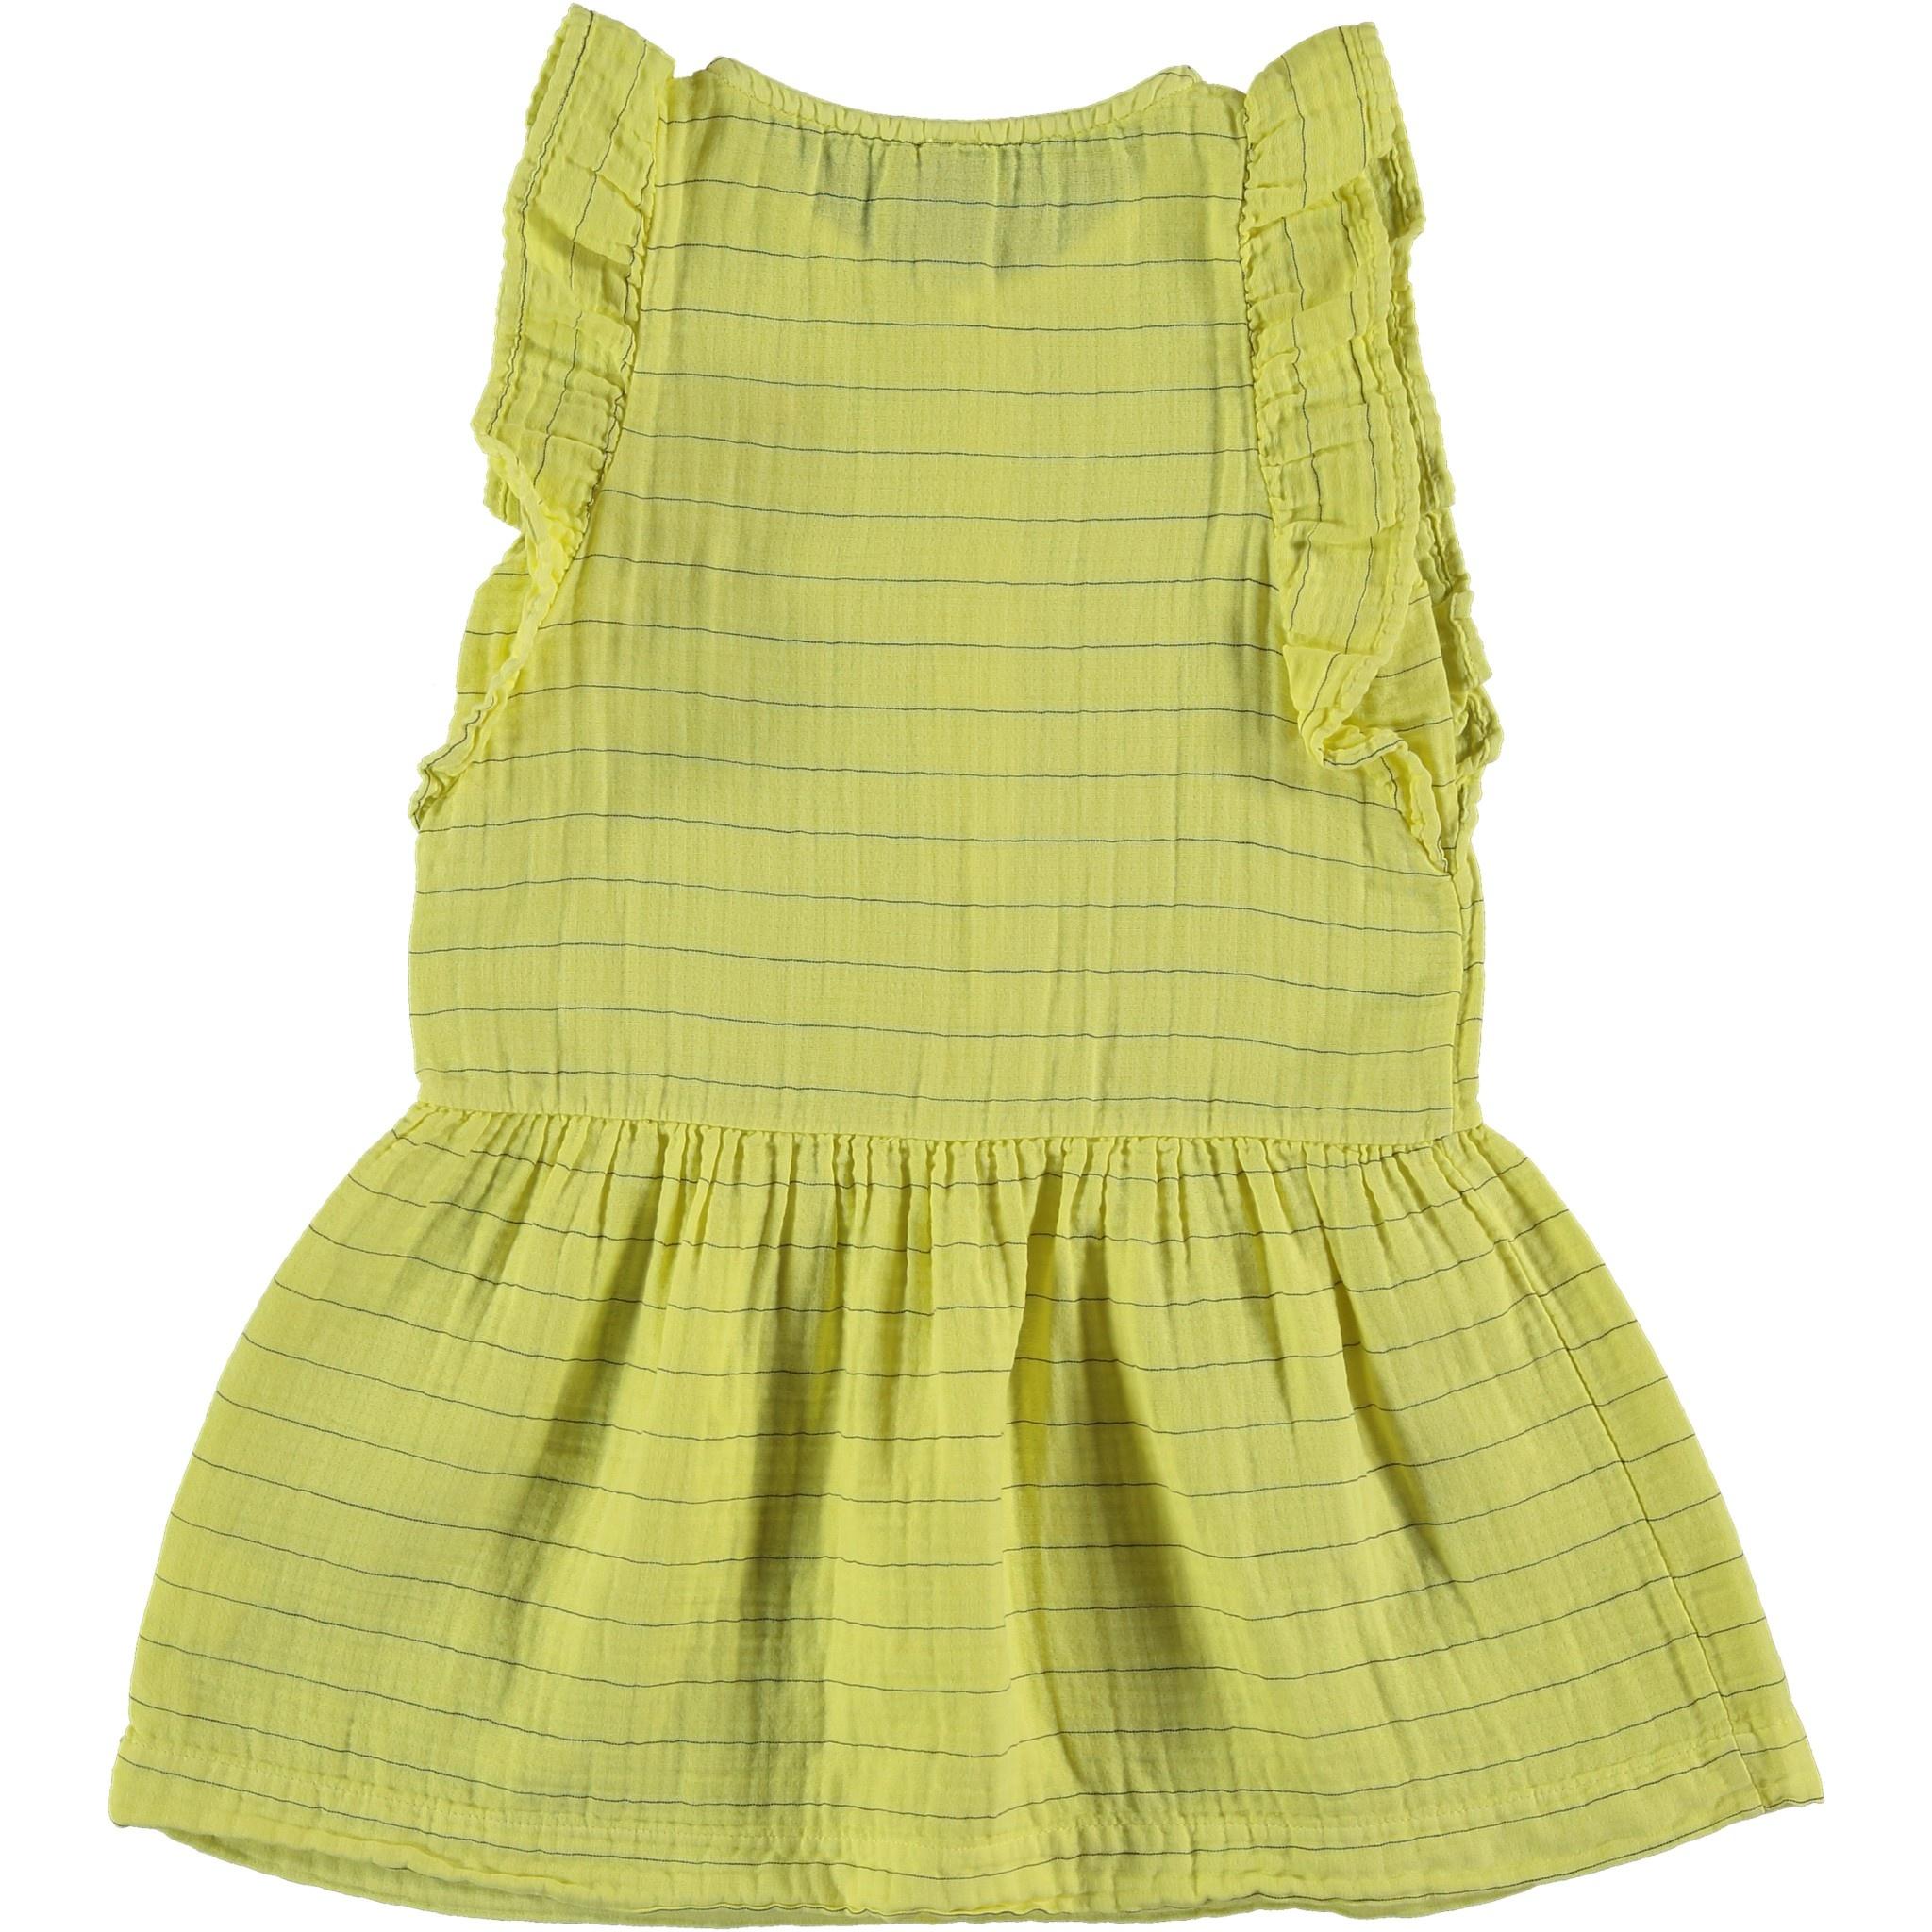 Dress frill stripes dot sunshine yellow-2